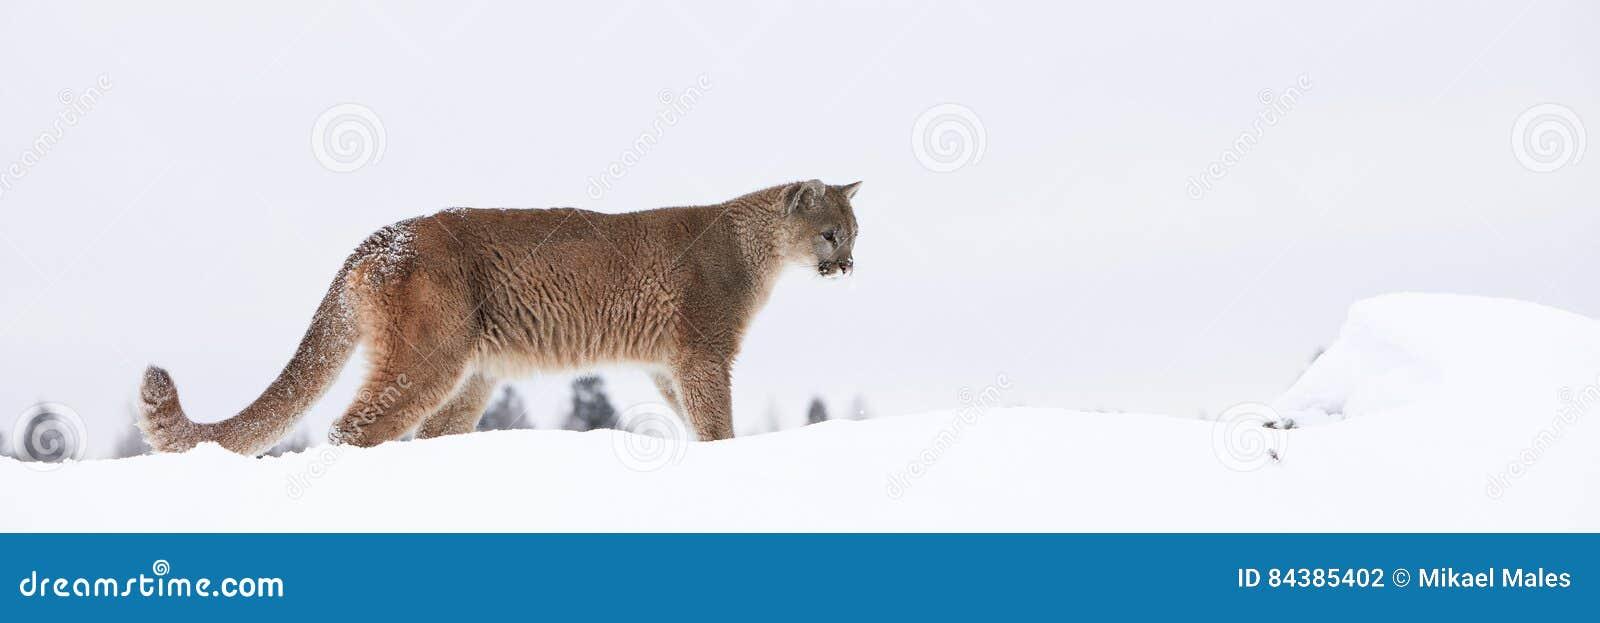 Mountain Lion Ledge Stock Photos - Download 70 Royalty ...